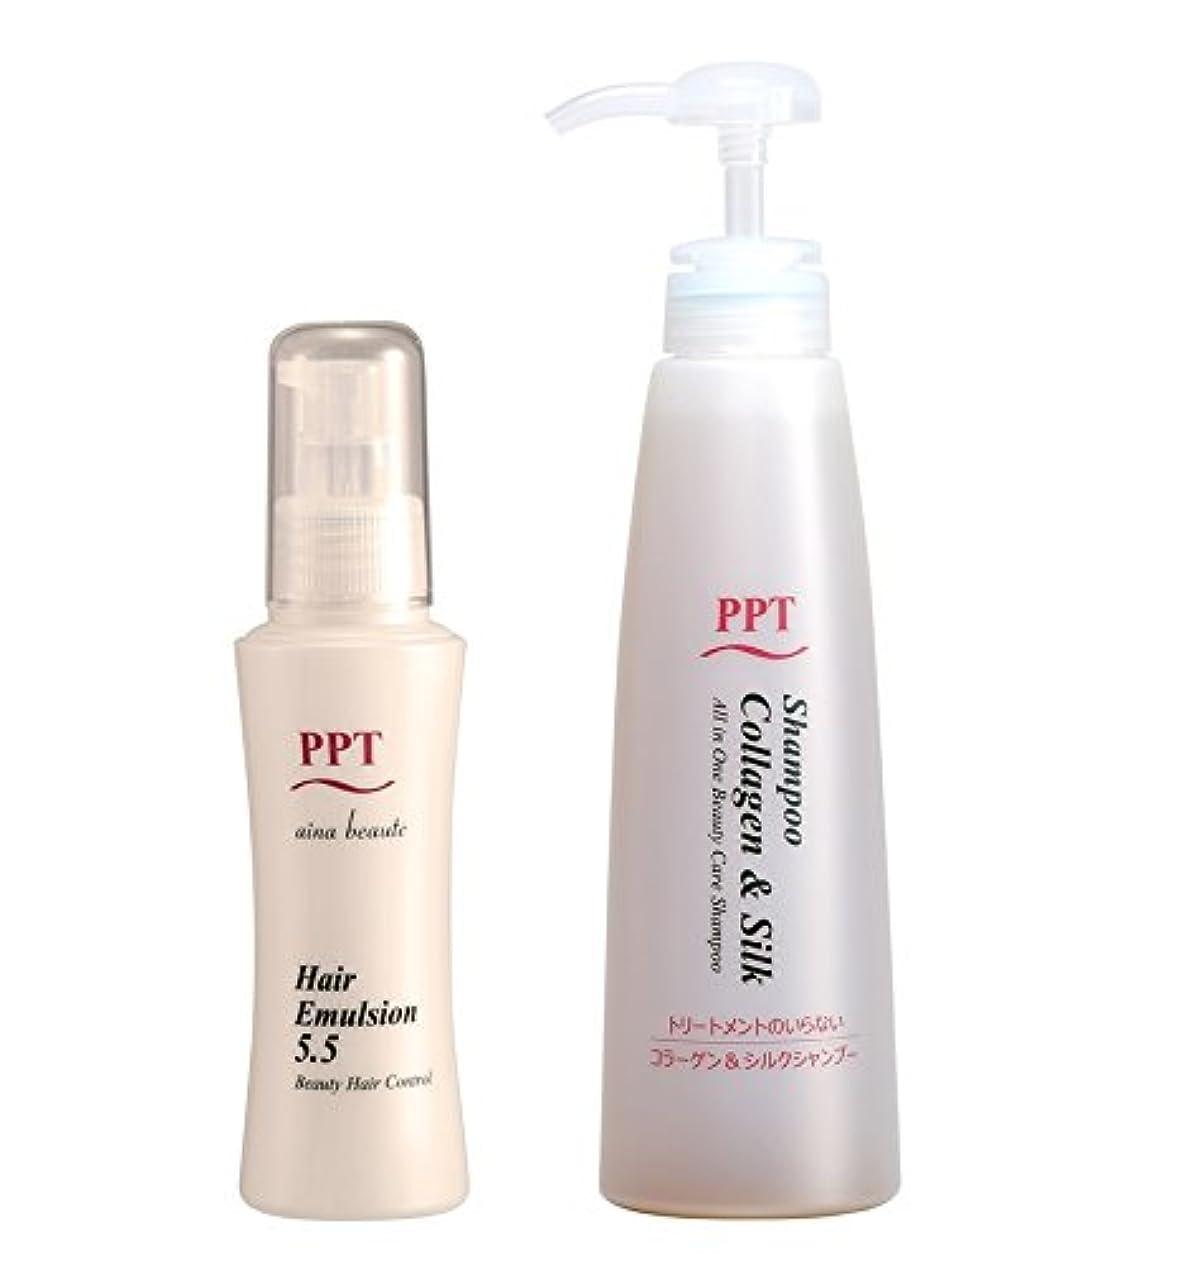 悪性腫瘍活気づける必要条件トリートメント不要 PPTコラーゲン&シルクシャンプー乾燥肌~普通肌用(しっとり),PPTヘアエマルジョン5.5セット